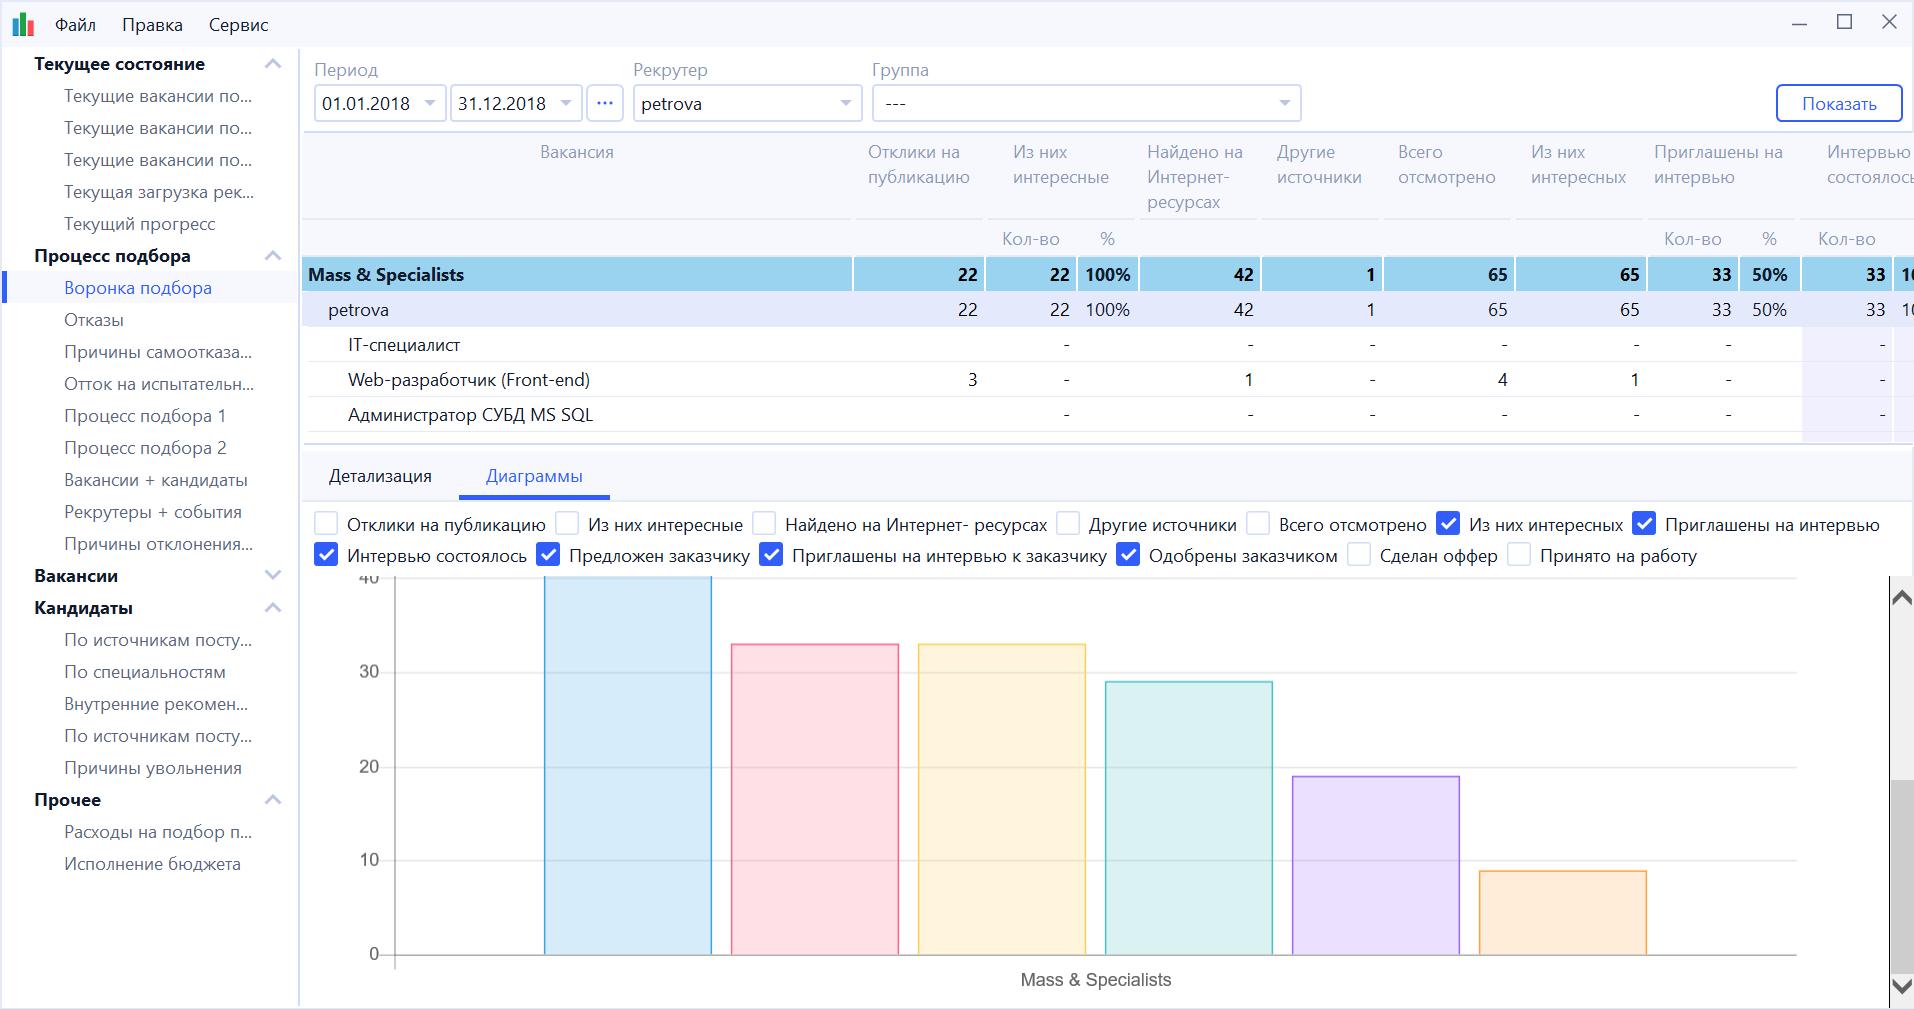 Отчёты и статистика по процессу подбора персонала в программном обеспечении E-Staff Рекрутер